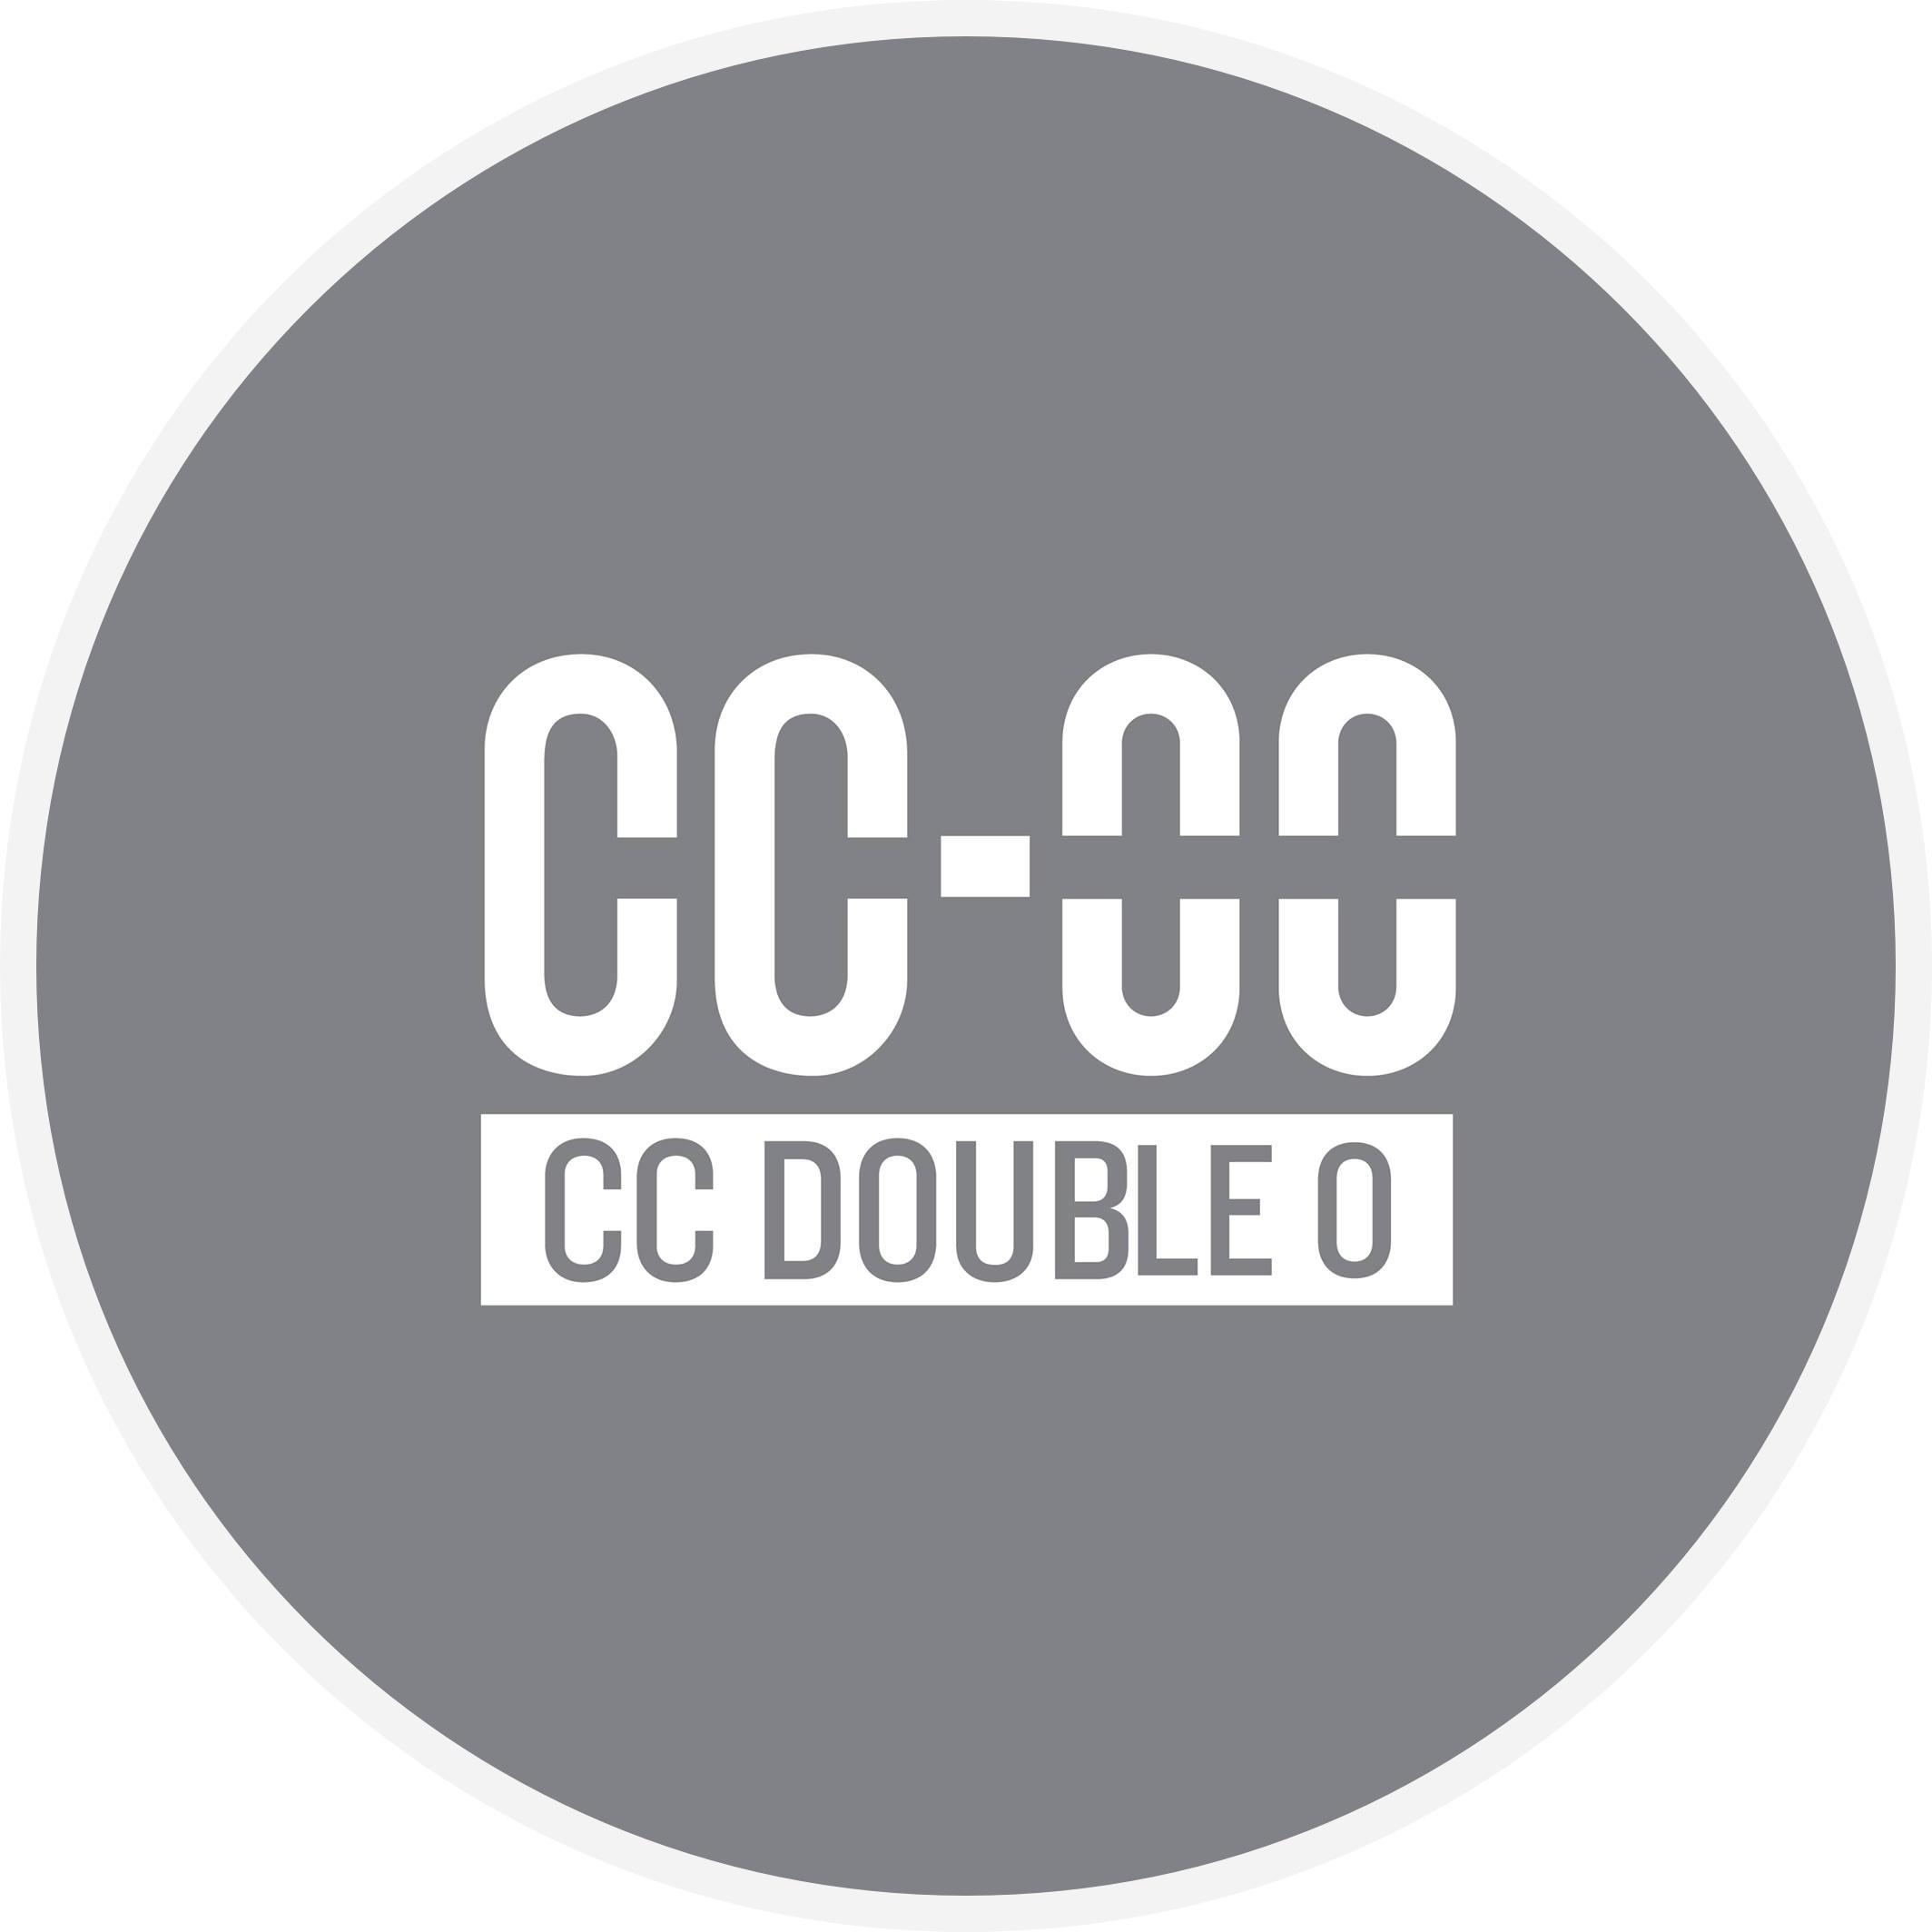 CC-OO CC DOUBLE O